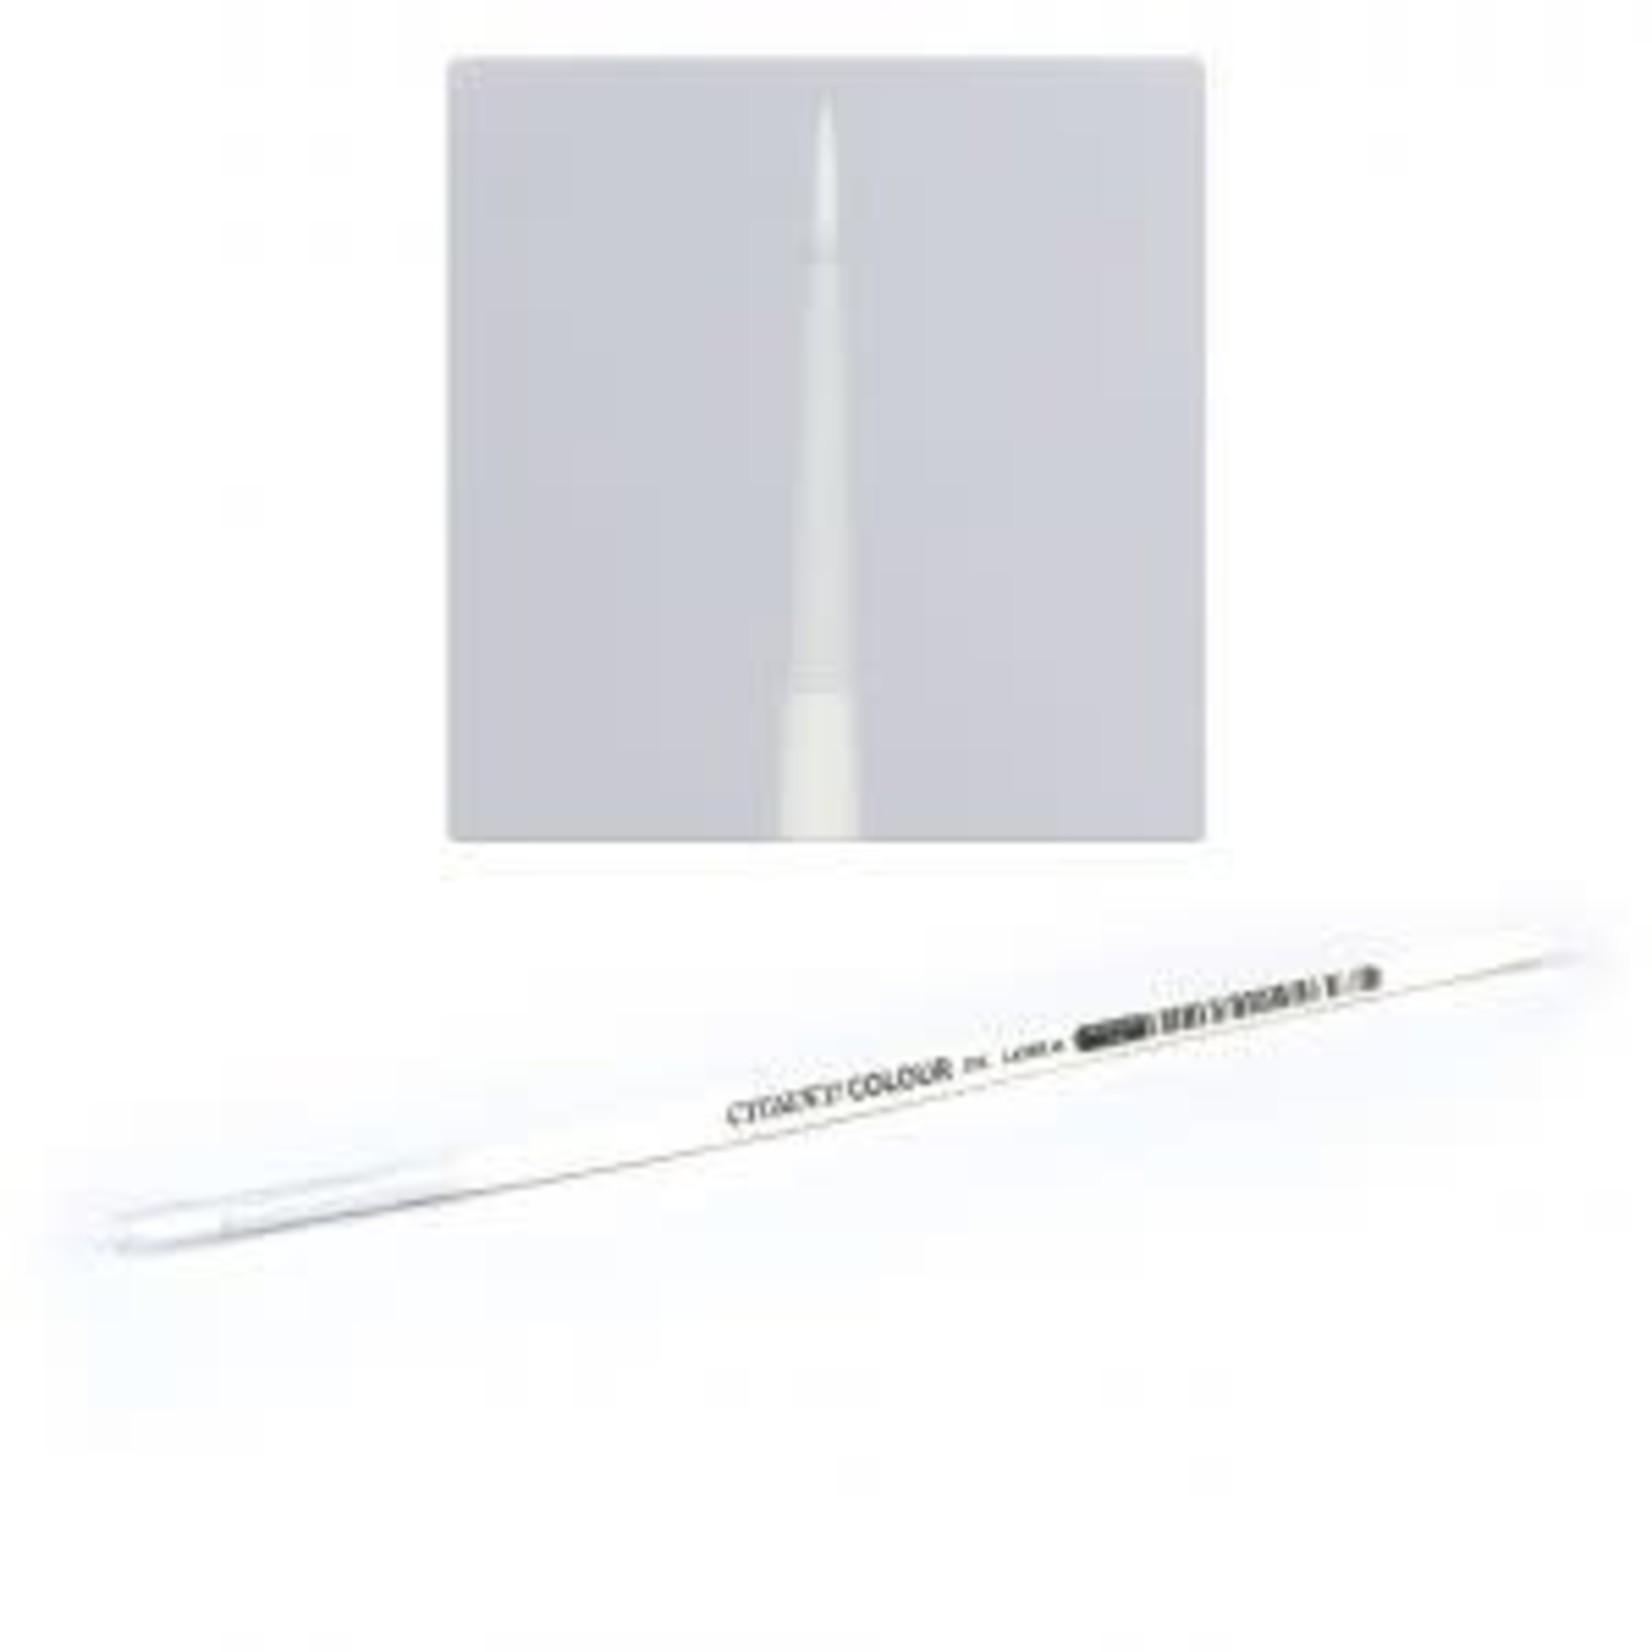 Citadel Medium Layer Brush Synthetic